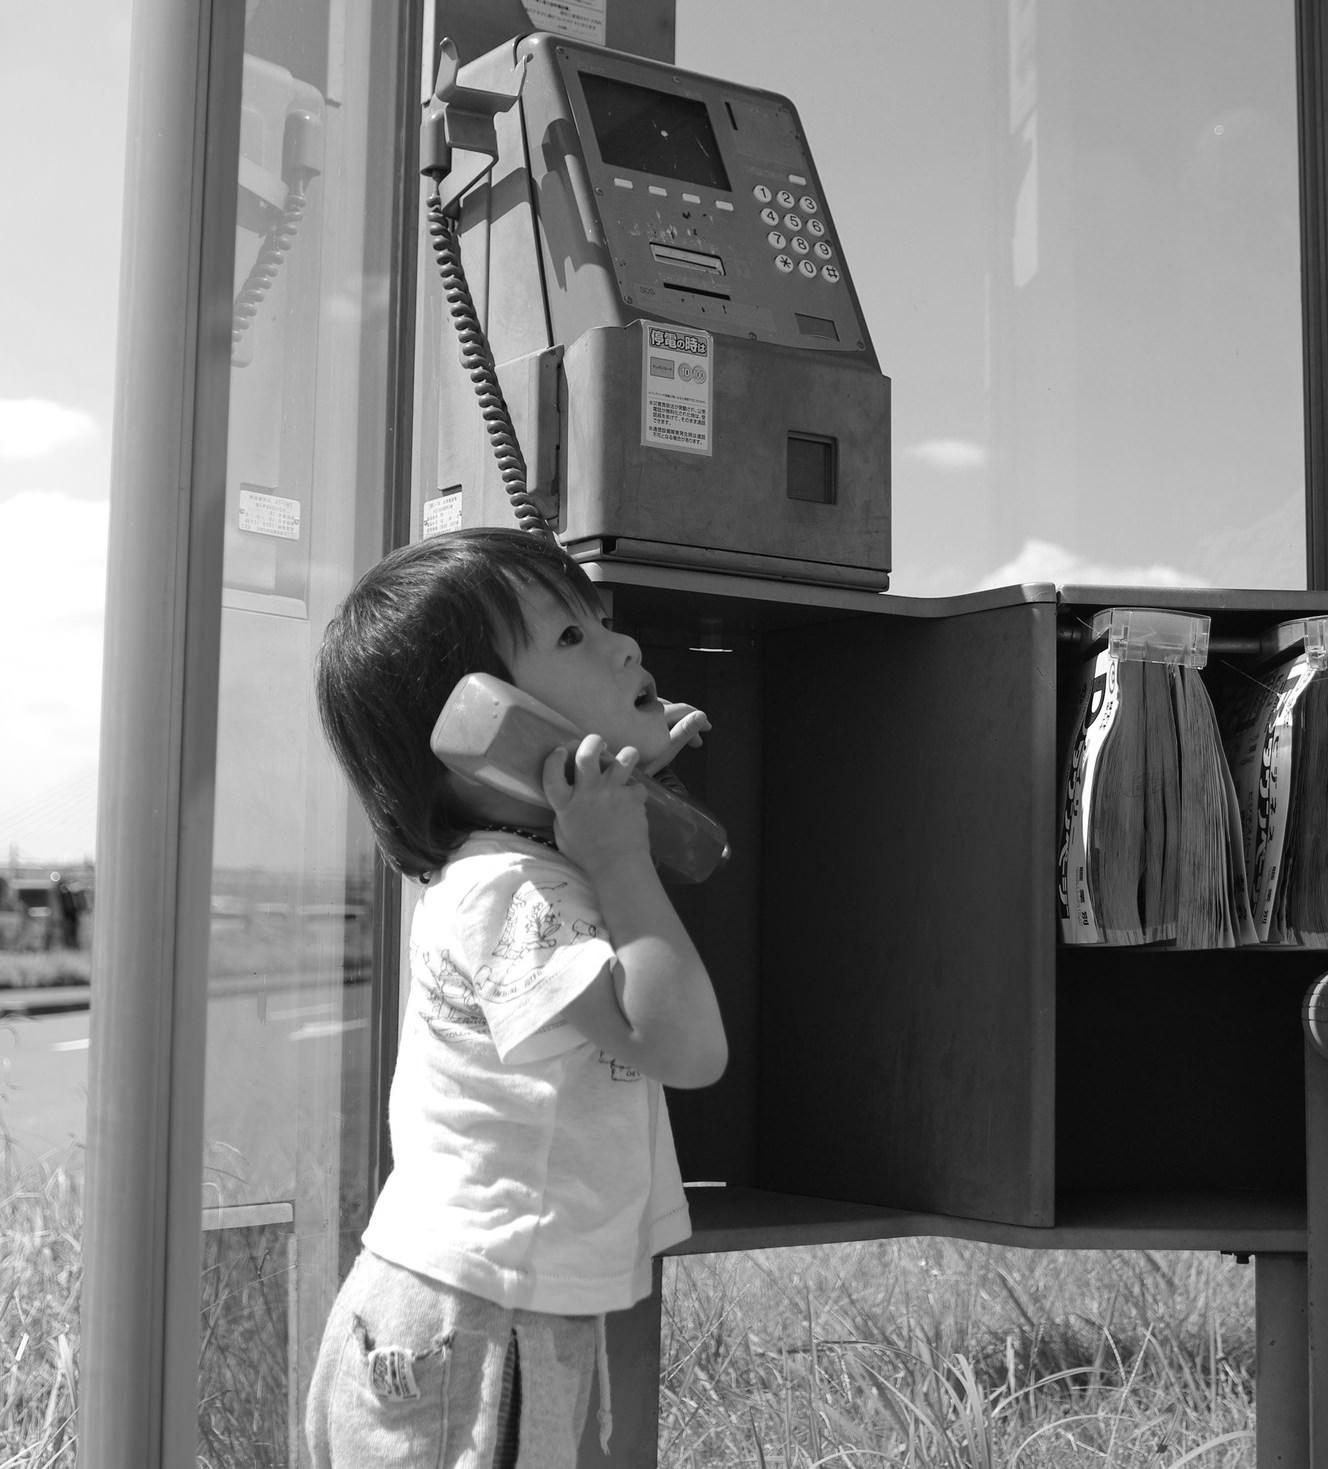 公衆電話を使う子供